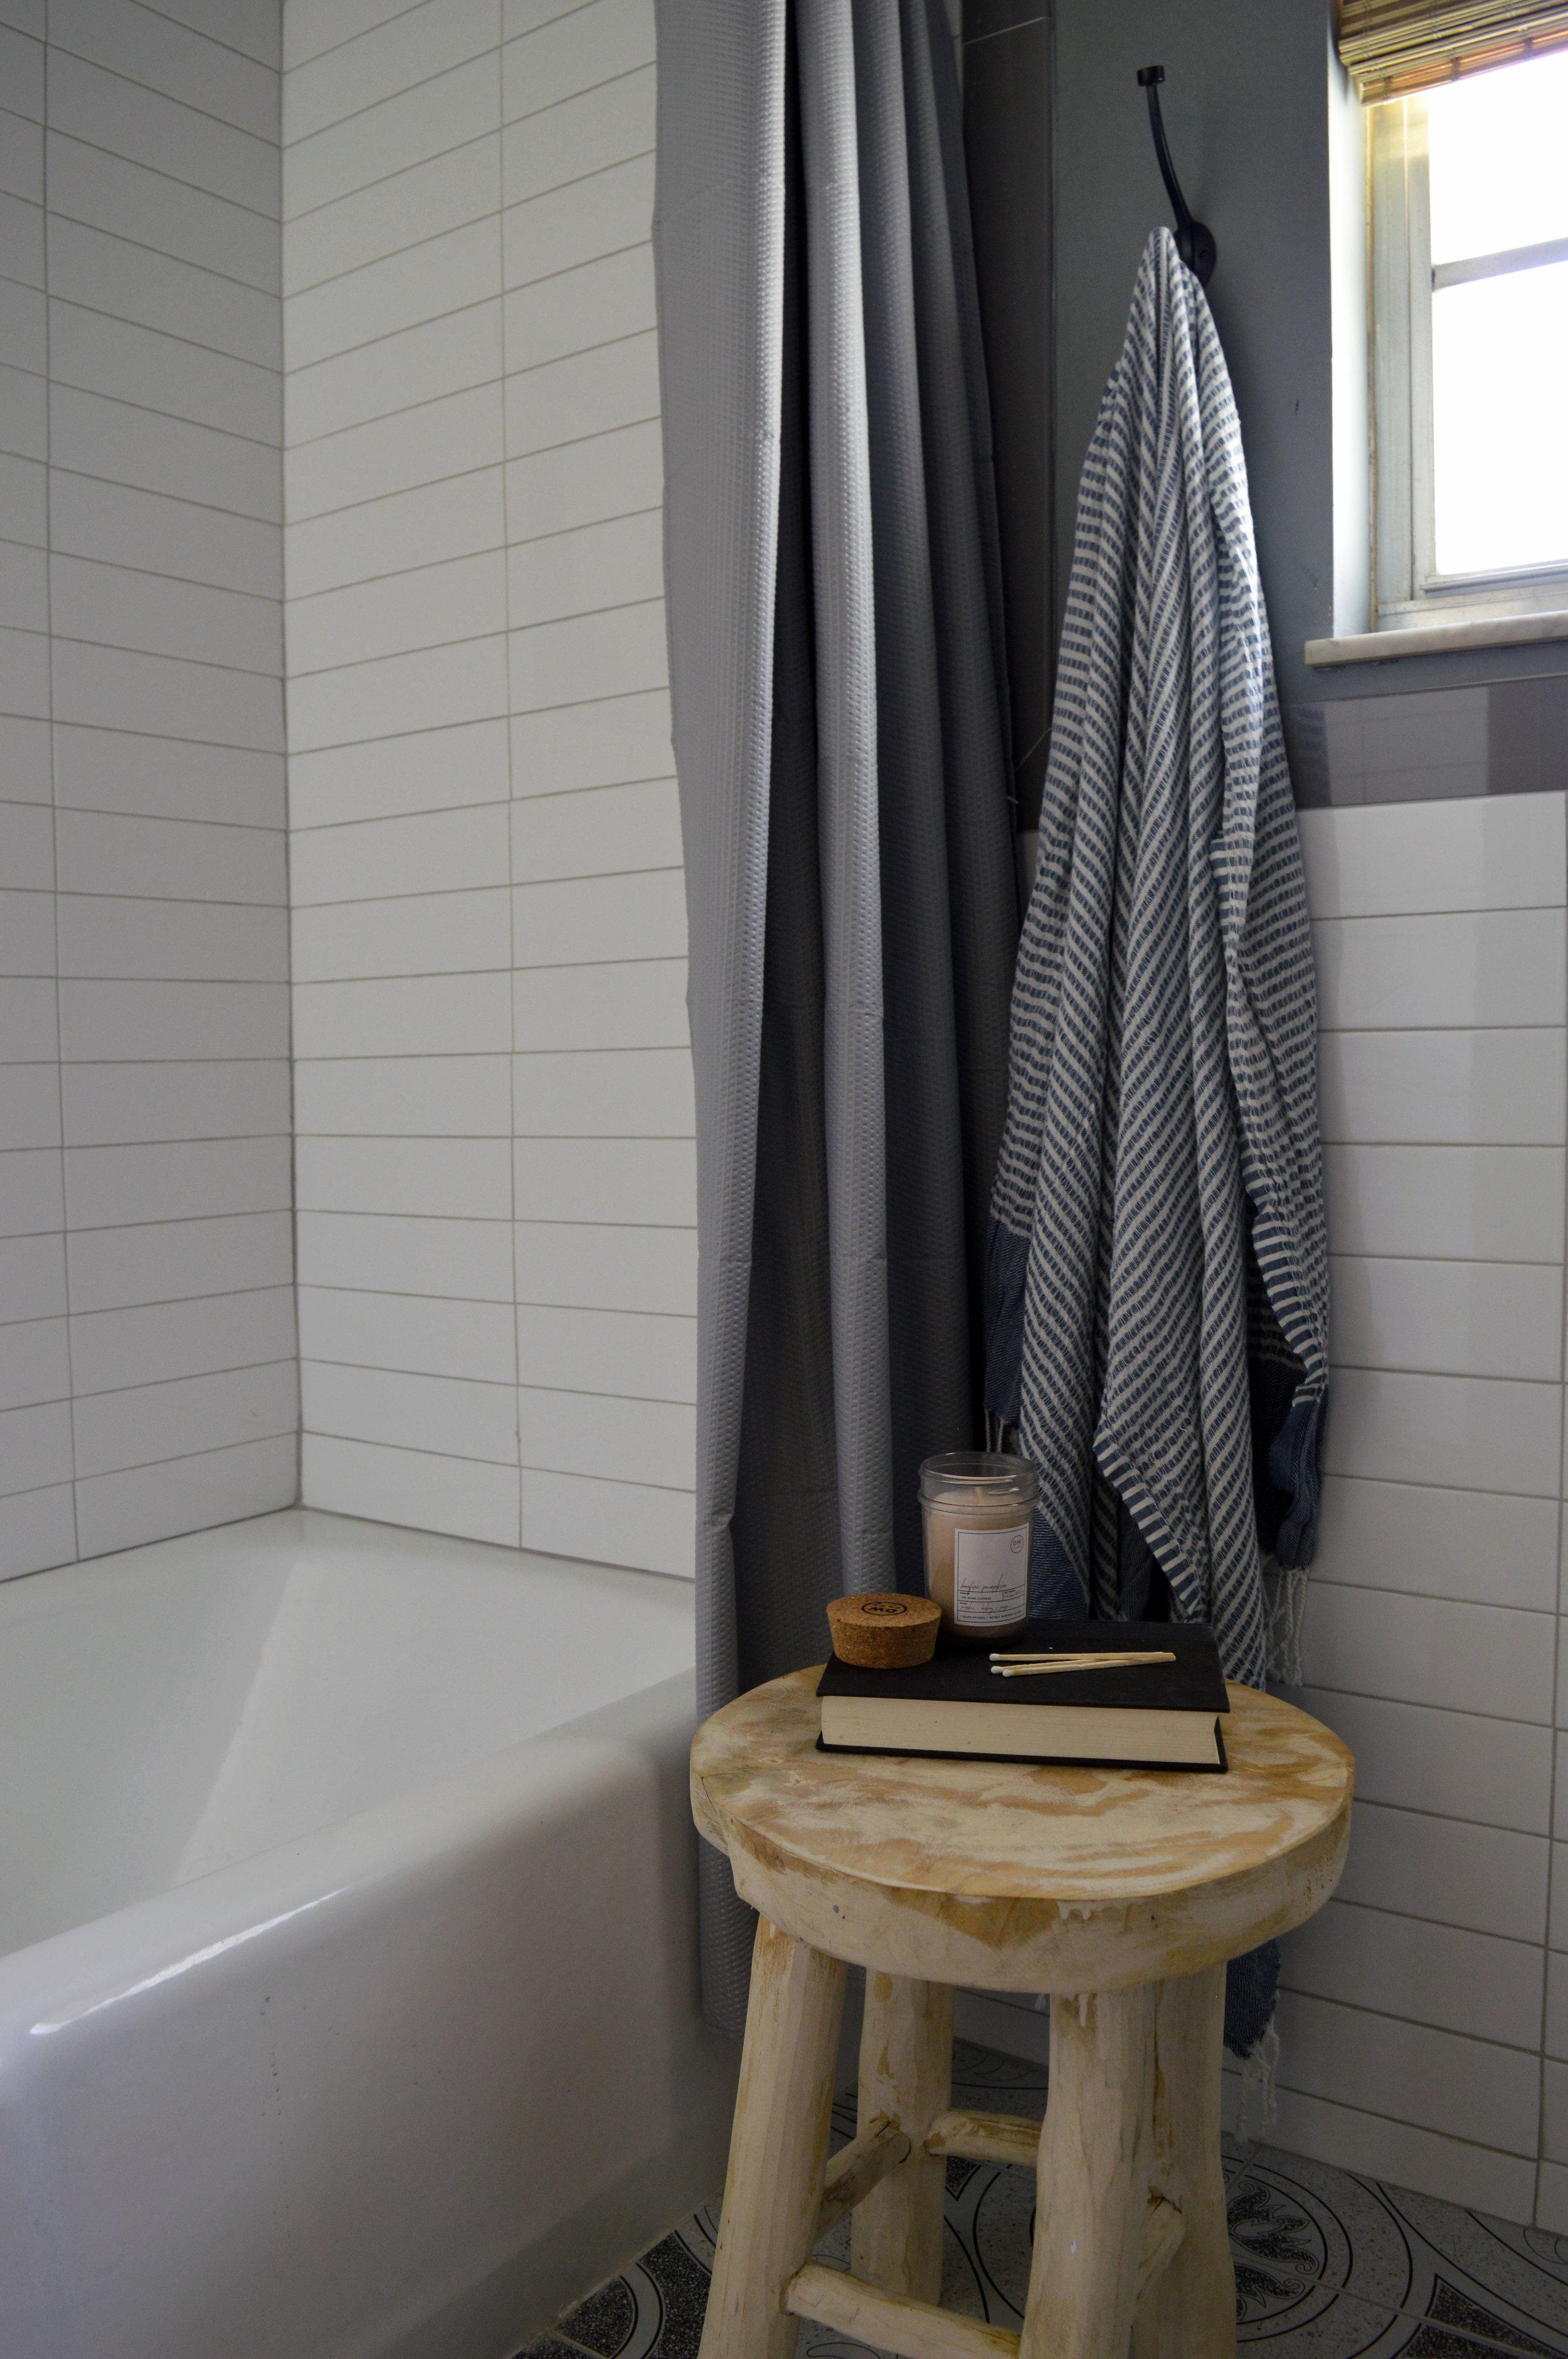 Stool next to bathtub